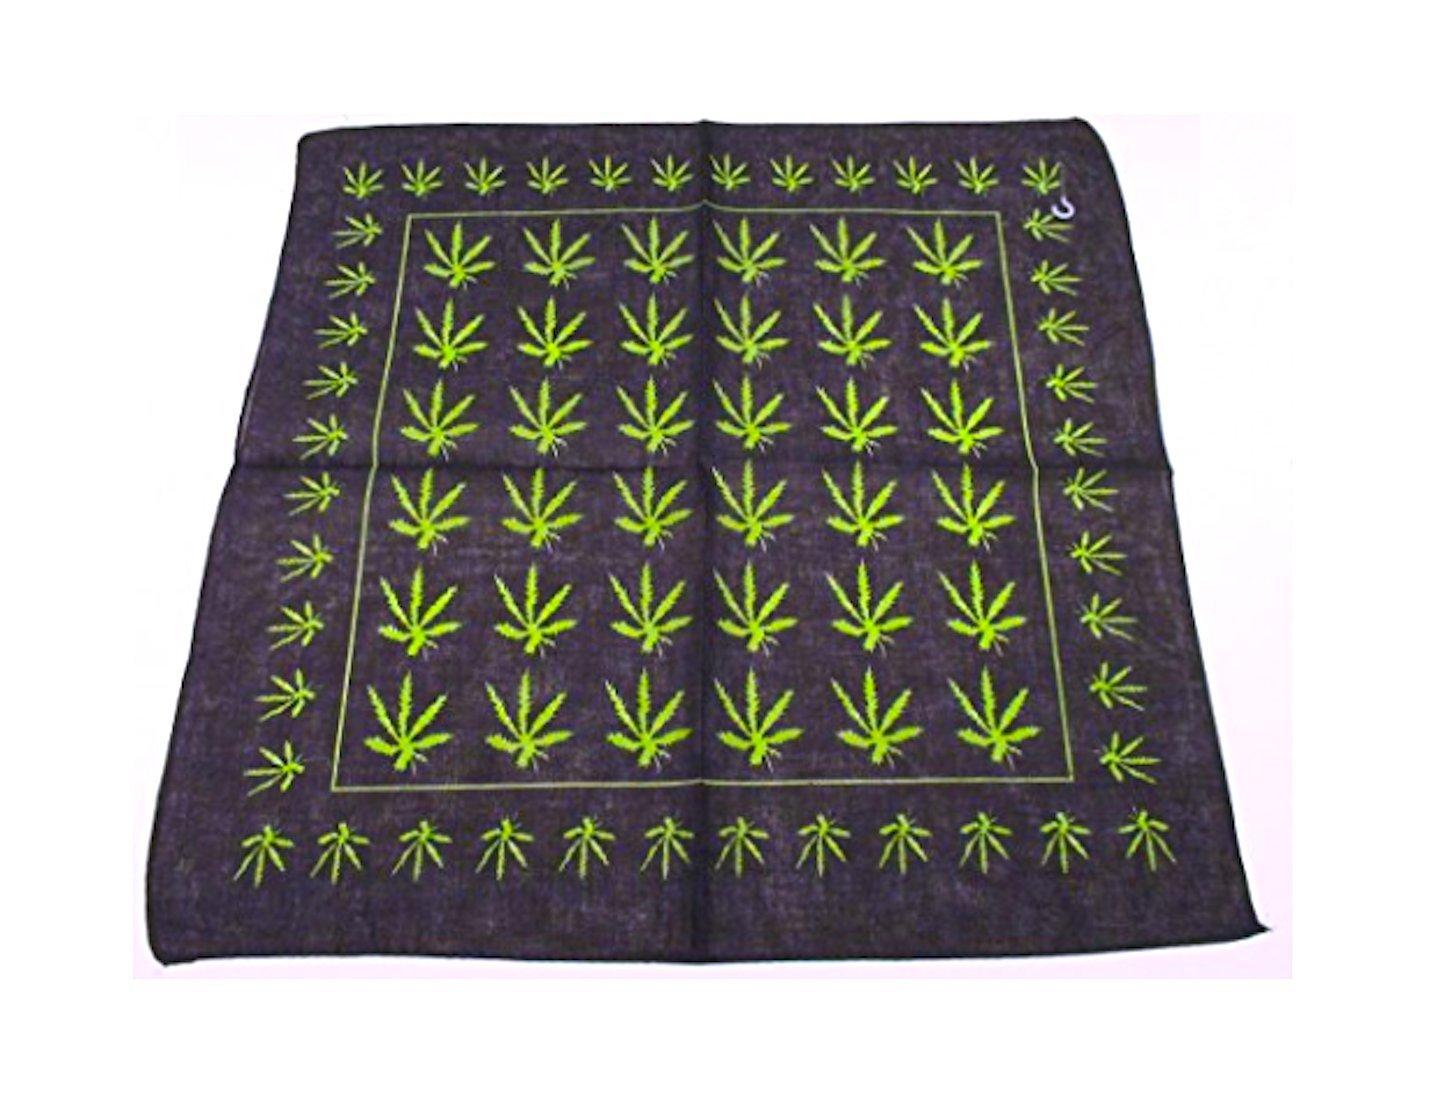 EVERYTHING ELSE Feuille de Chanvre Logo 420/Marijuana Weed Bandana Neuf # 4